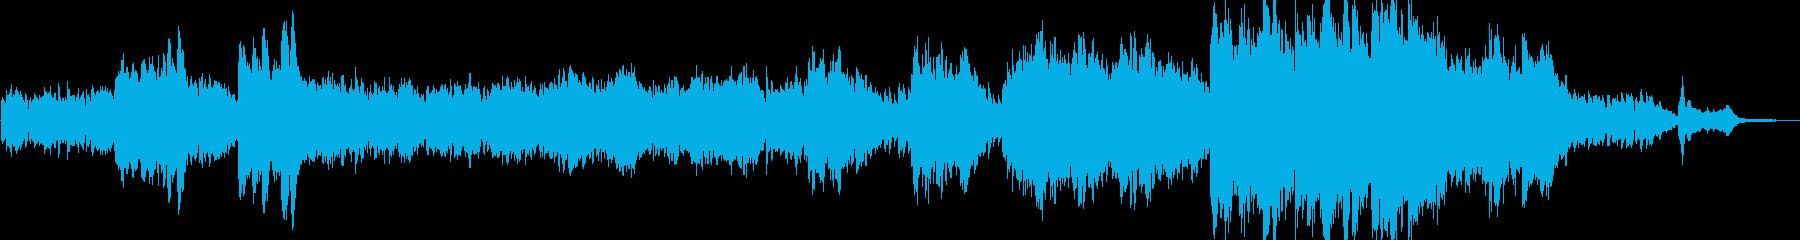 神秘の森をイメージしたヒーリング Cの再生済みの波形